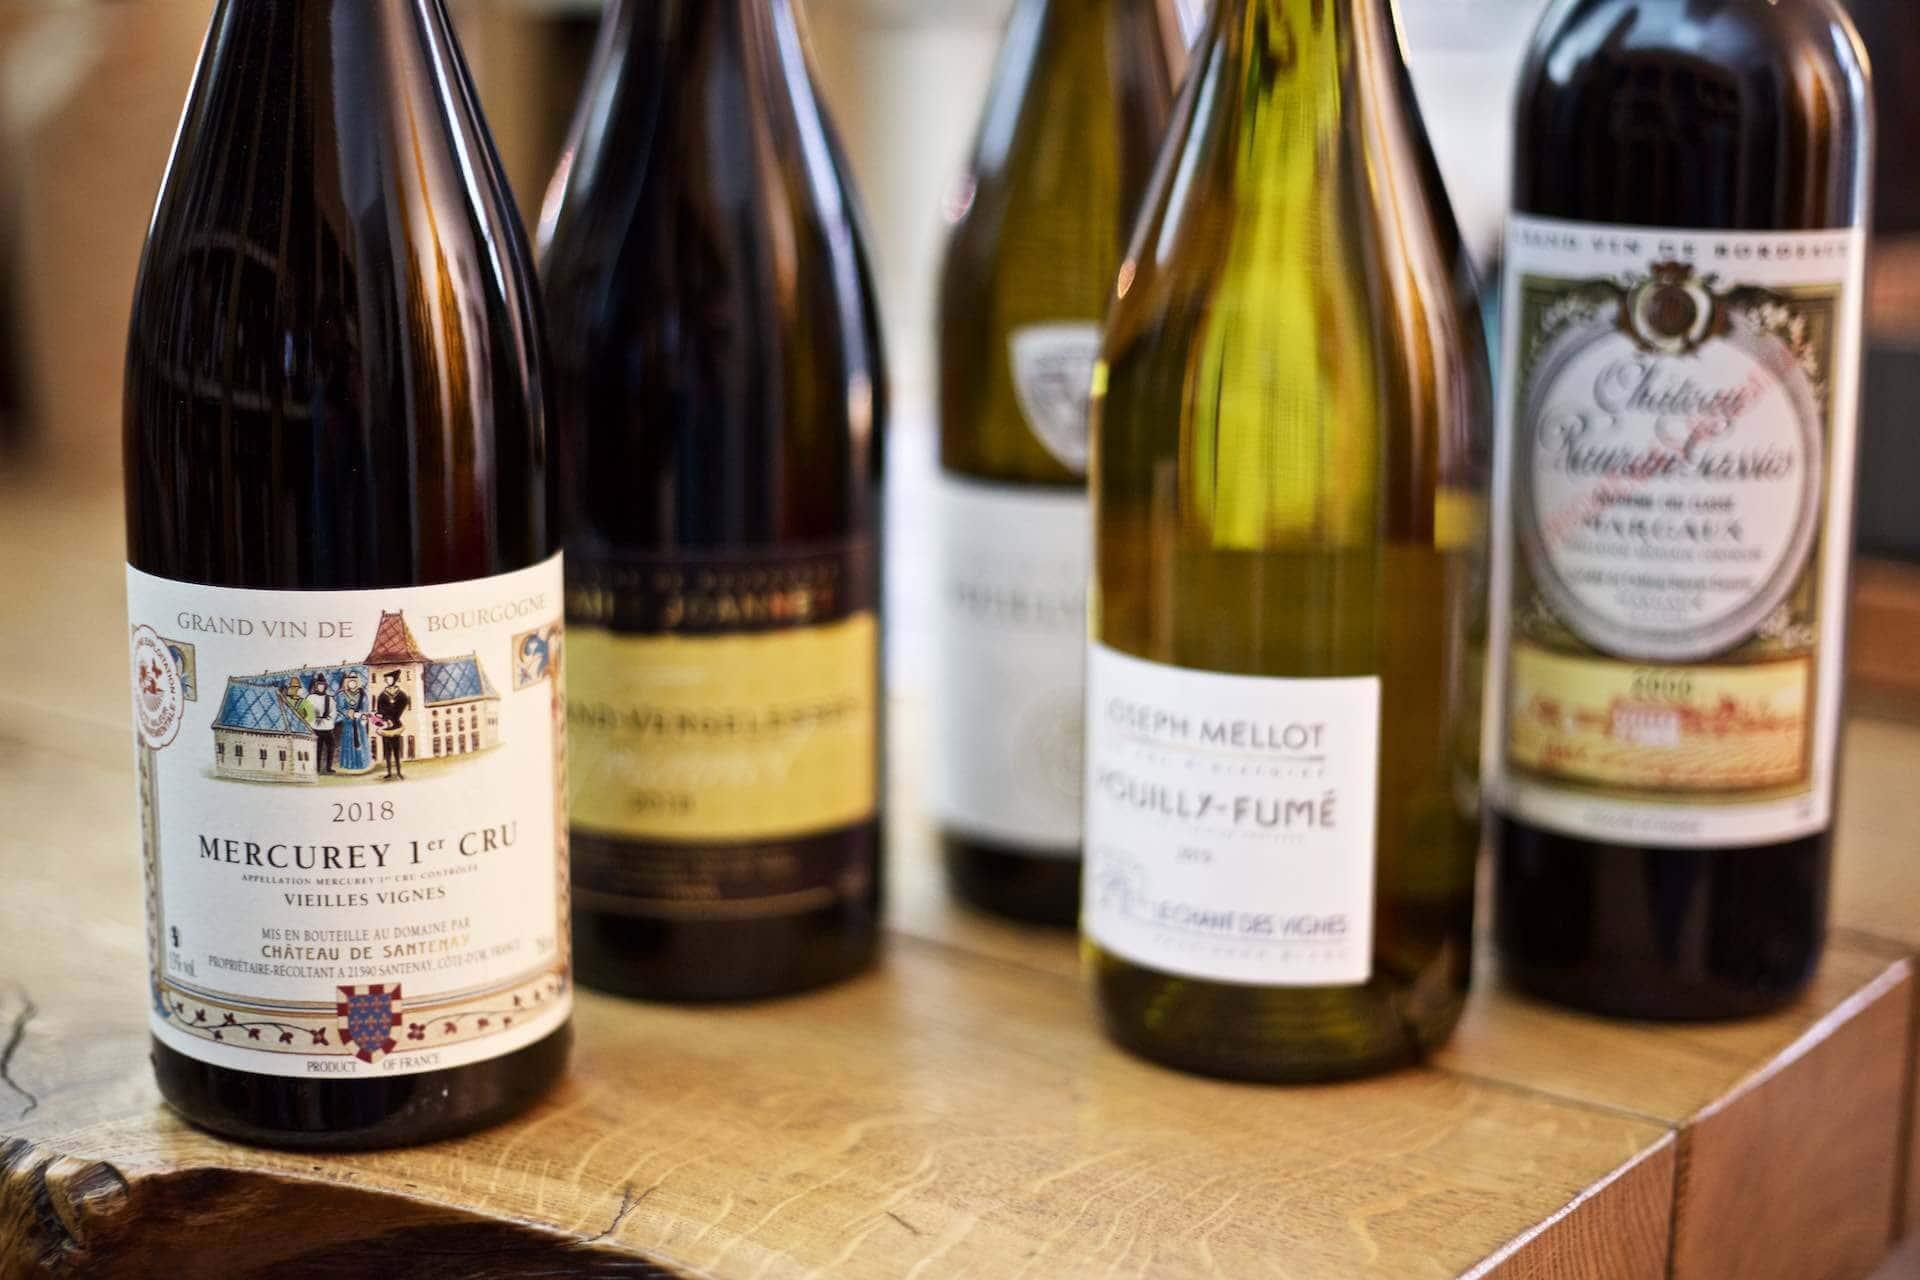 Tolle Weine aus dem Burgund, Bordeaux und von der Loire